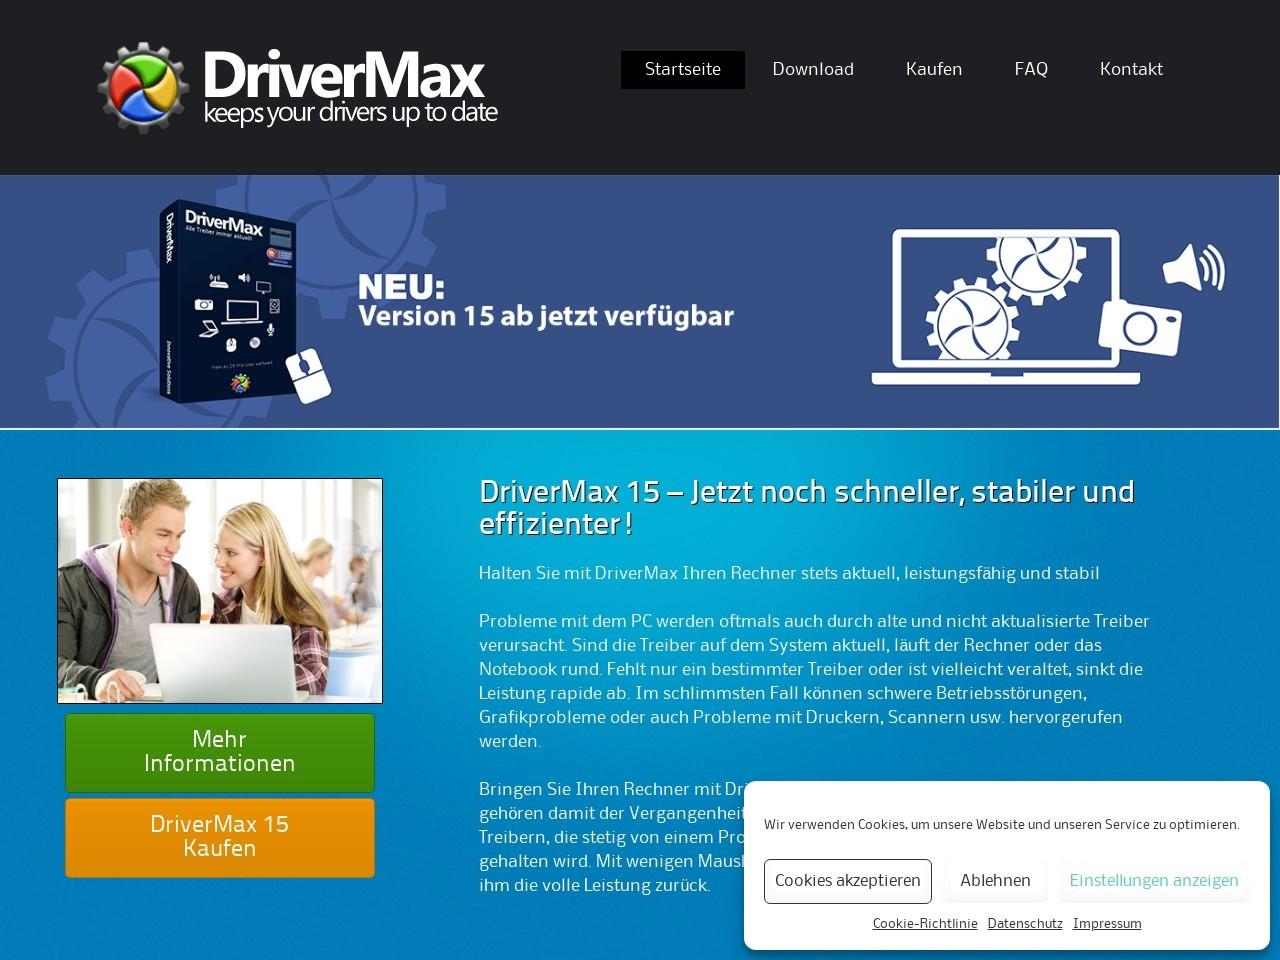 Drivermax.de